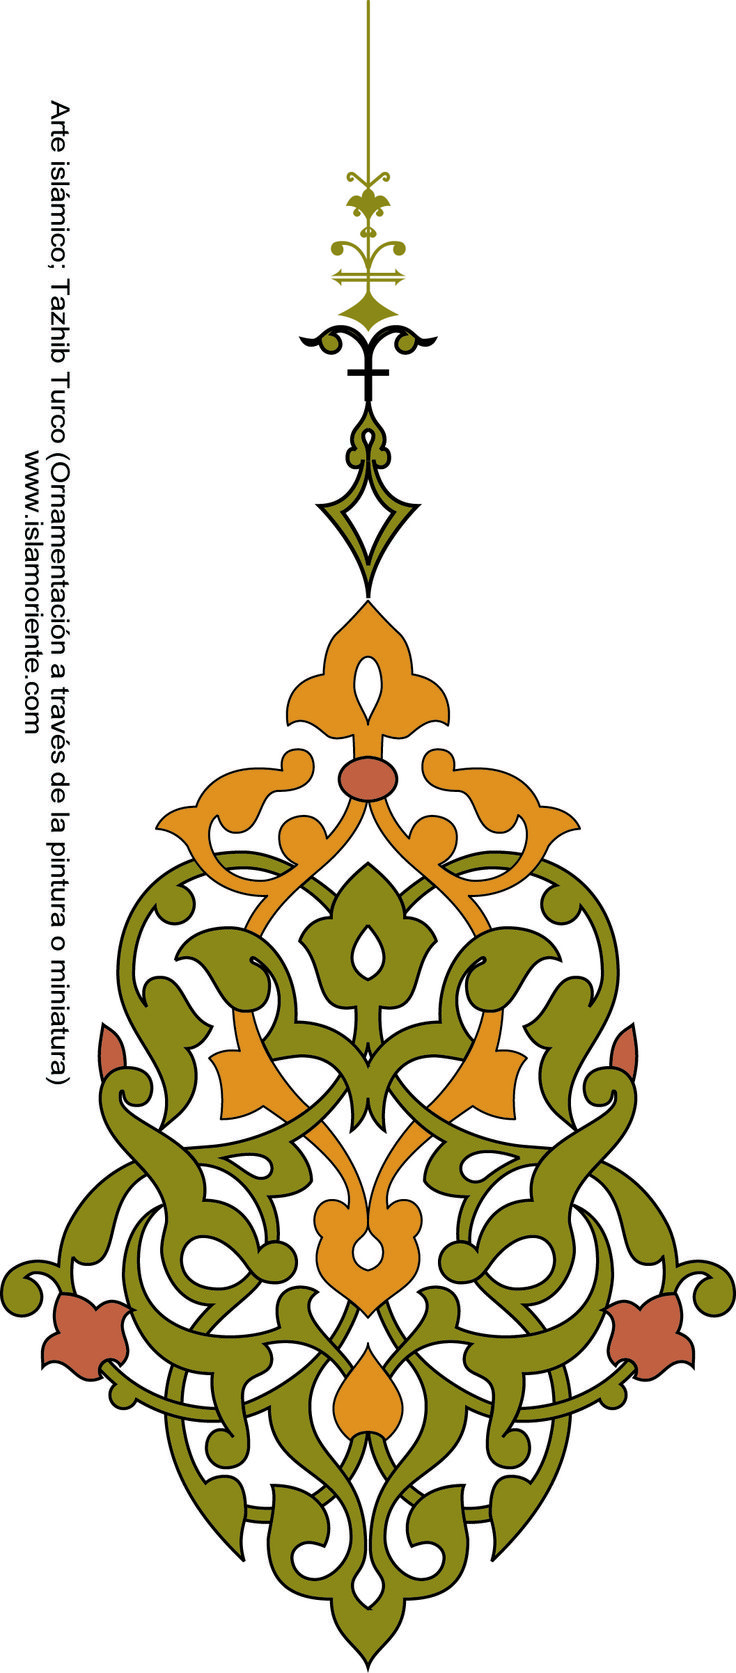 Arte islámico – Tazhib Turco (Ornamentación a través de la pintura o miniatura) | Galería de Arte Islámico y Fotografía